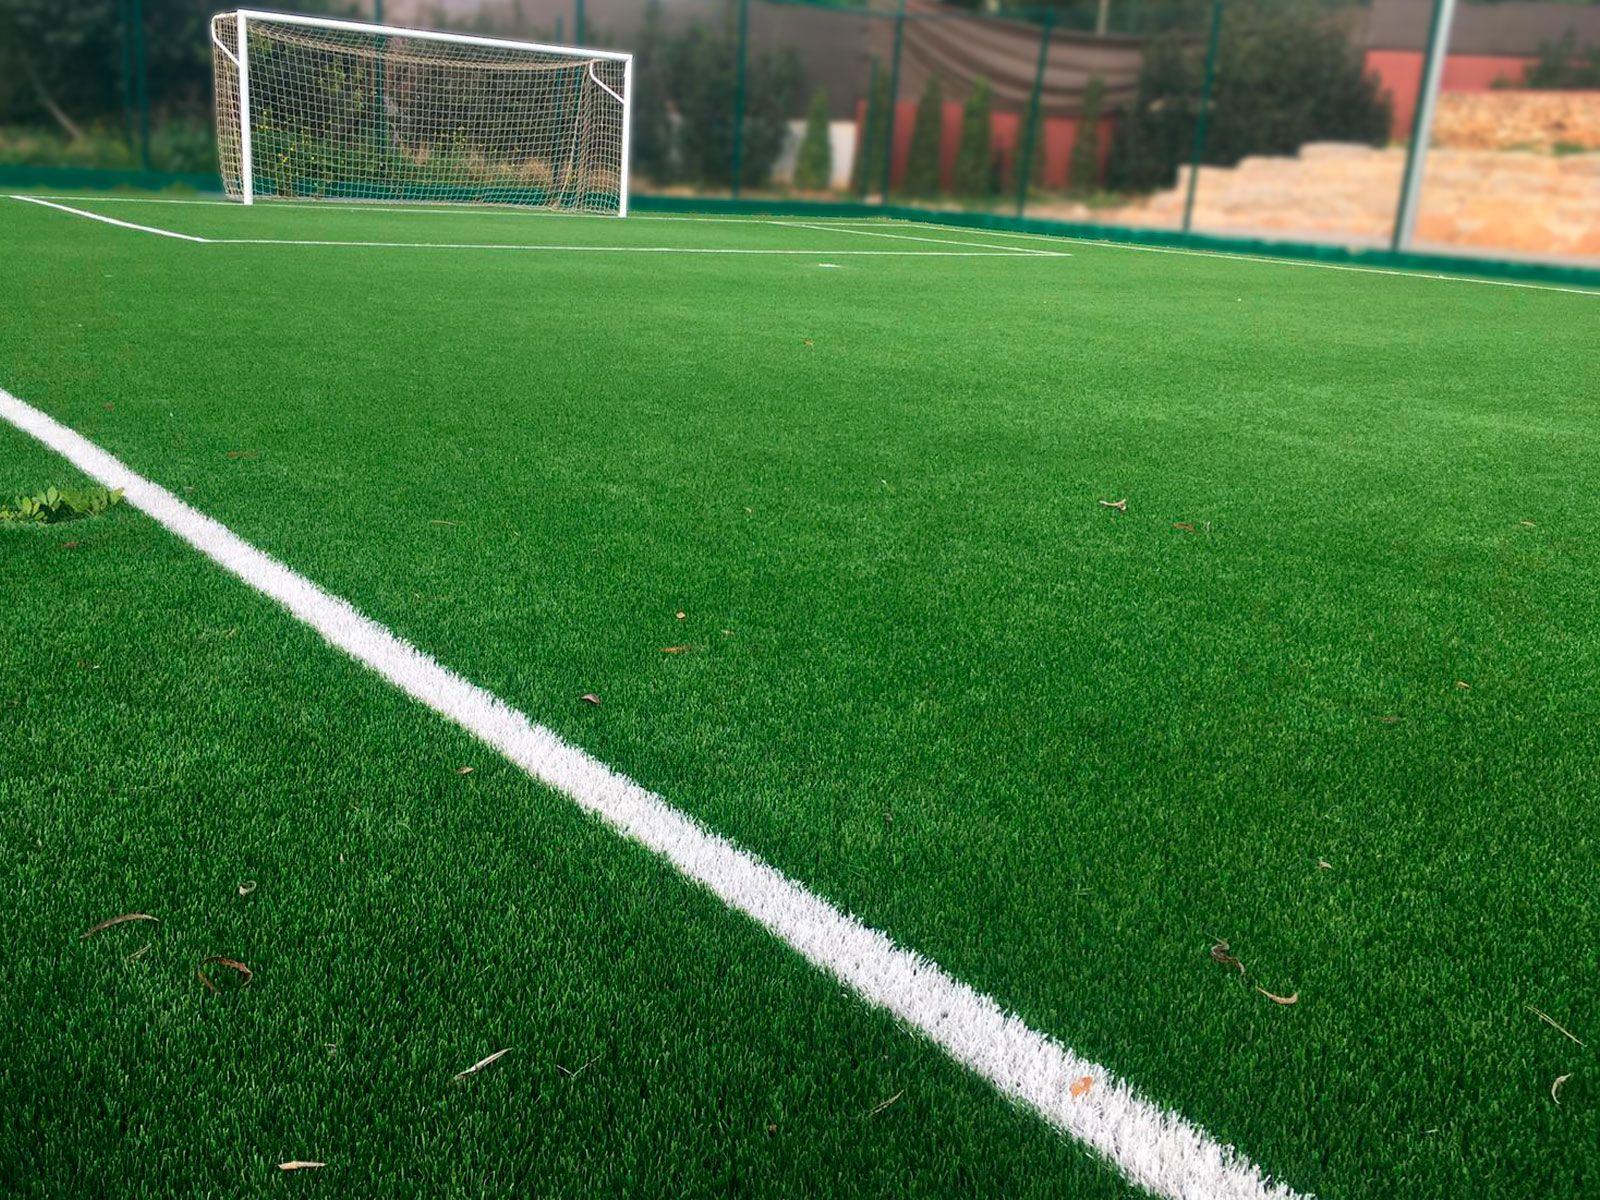 Campo de futbol de césped artificial